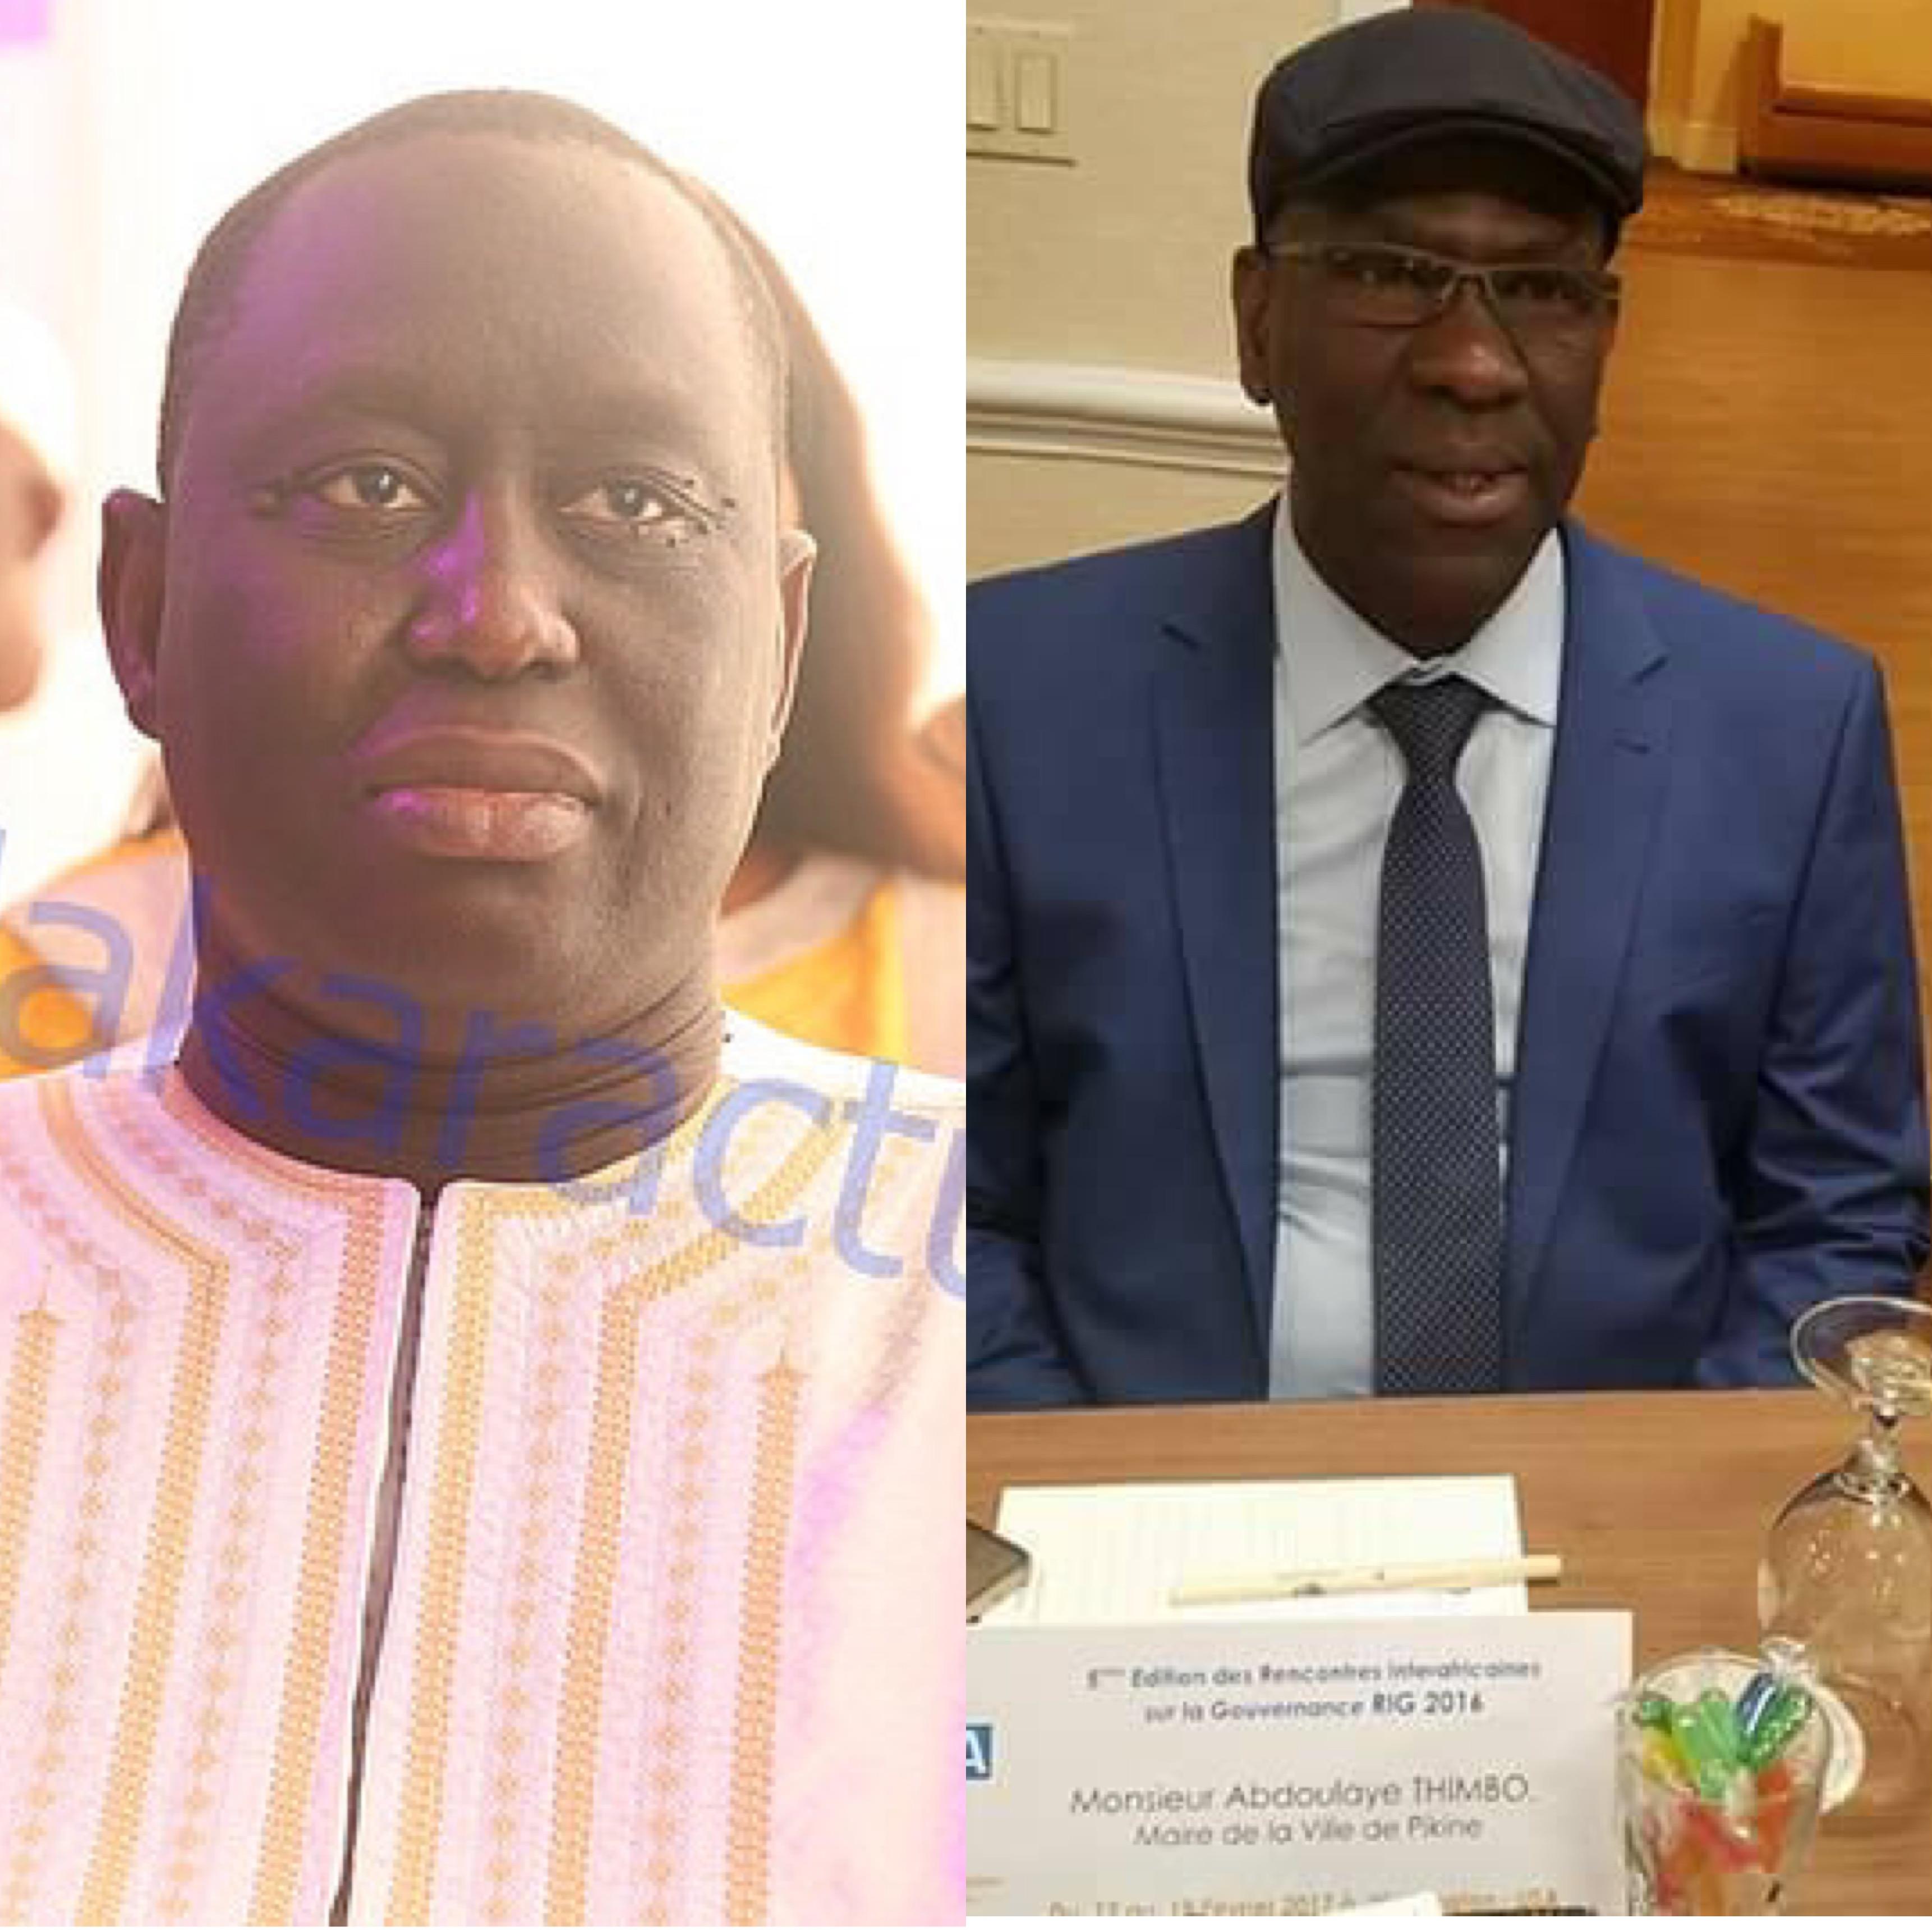 LÉGISLATIVES 2017 : Aliou Sall et Abdoulaye Timbo renoncent à leur investiture en tant que tête de liste de BBY des départements de Pikine et de Guédiawaye